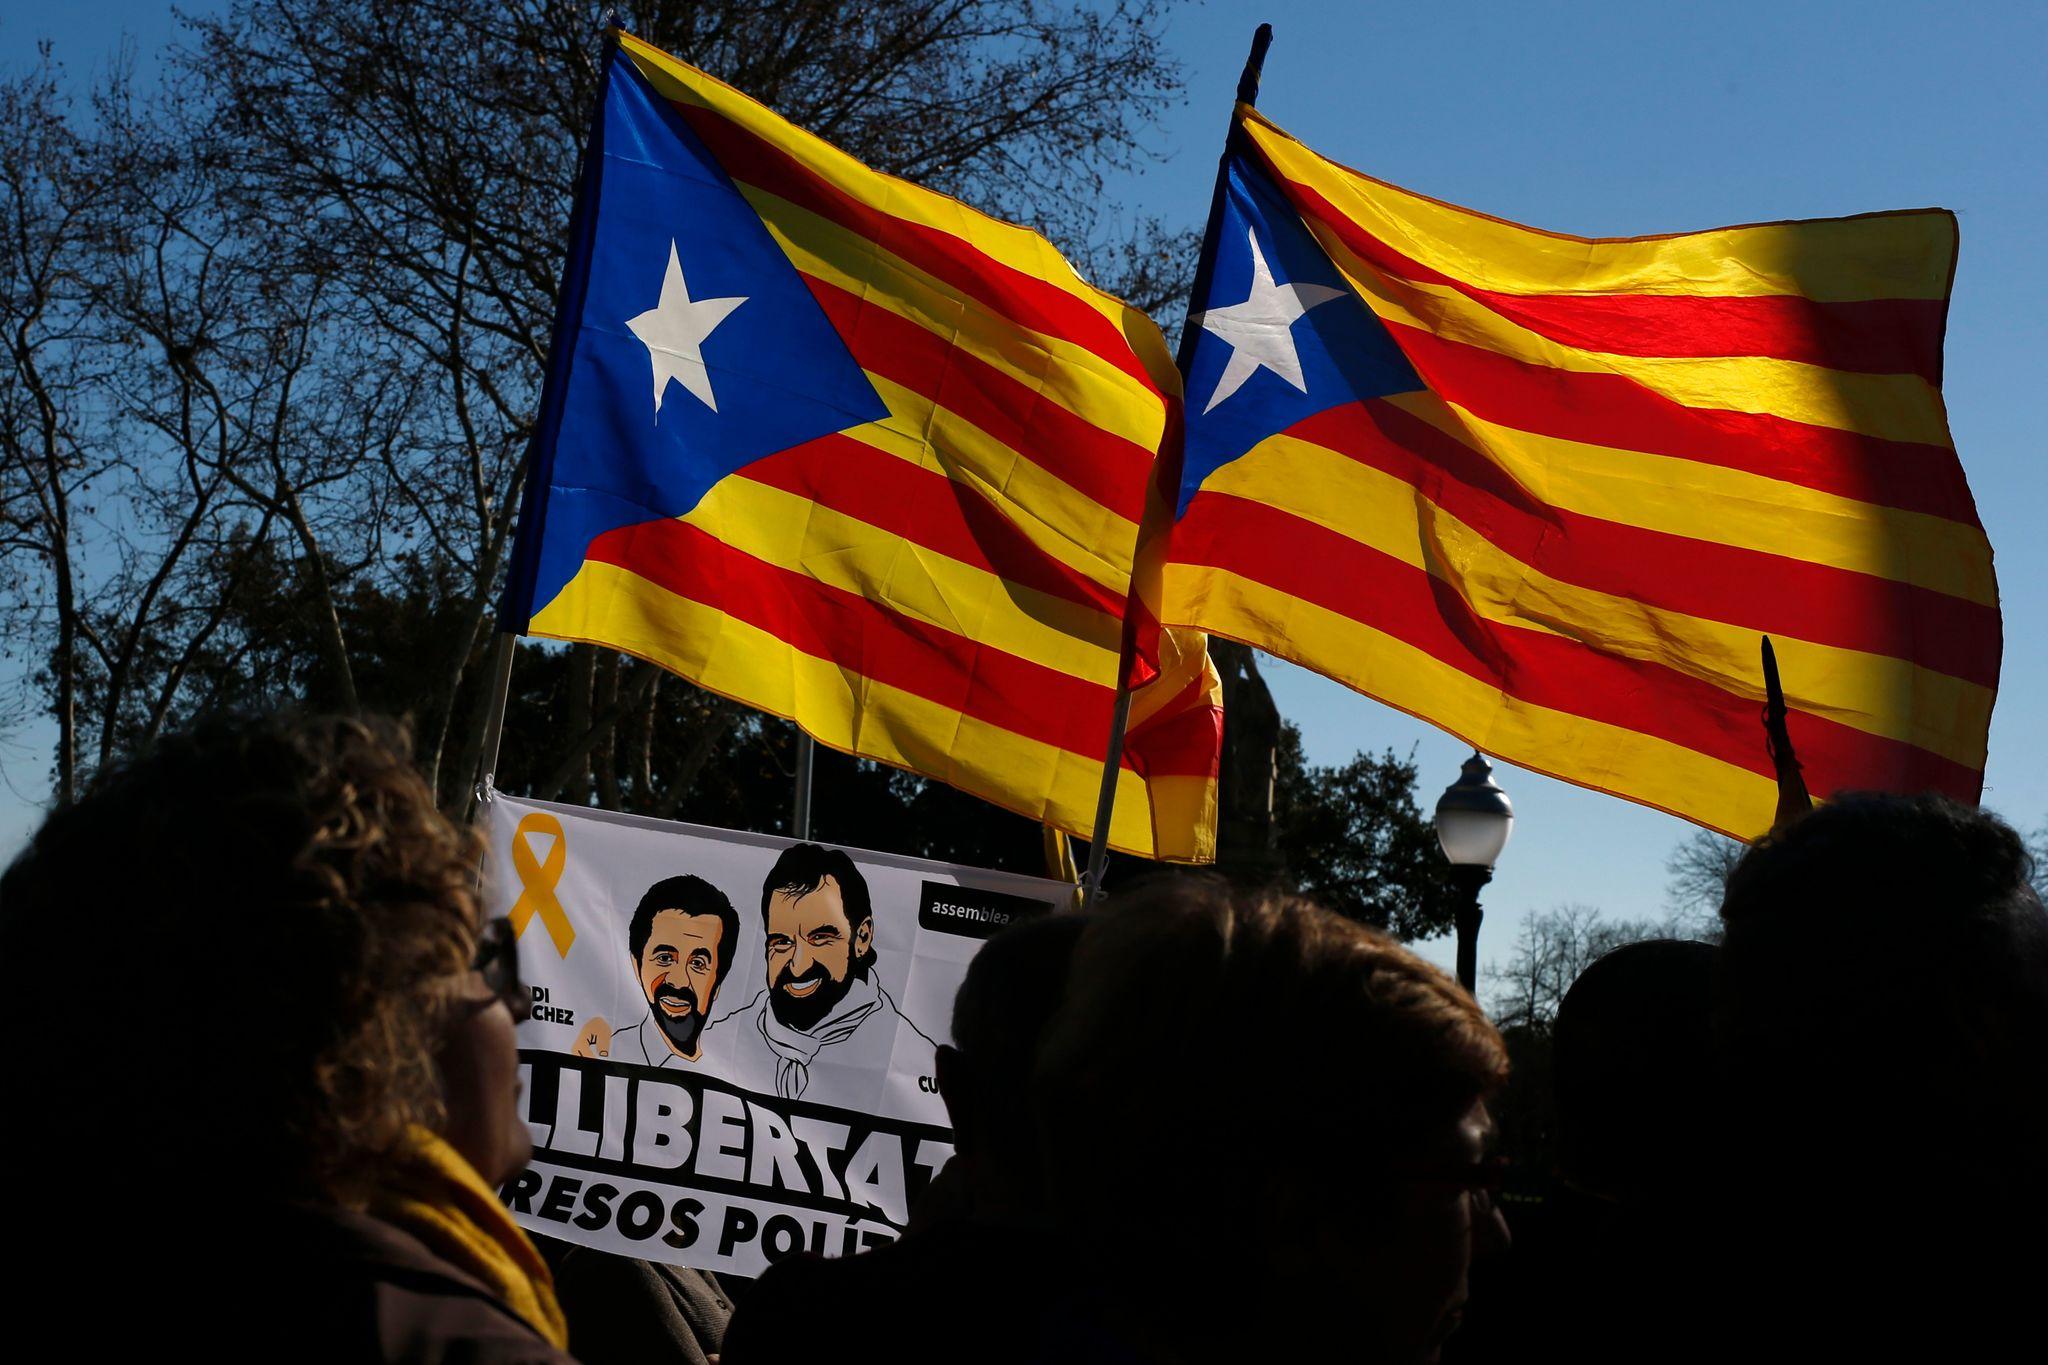 ¿Cuál será el impacto final de la crisis de Cataluña?